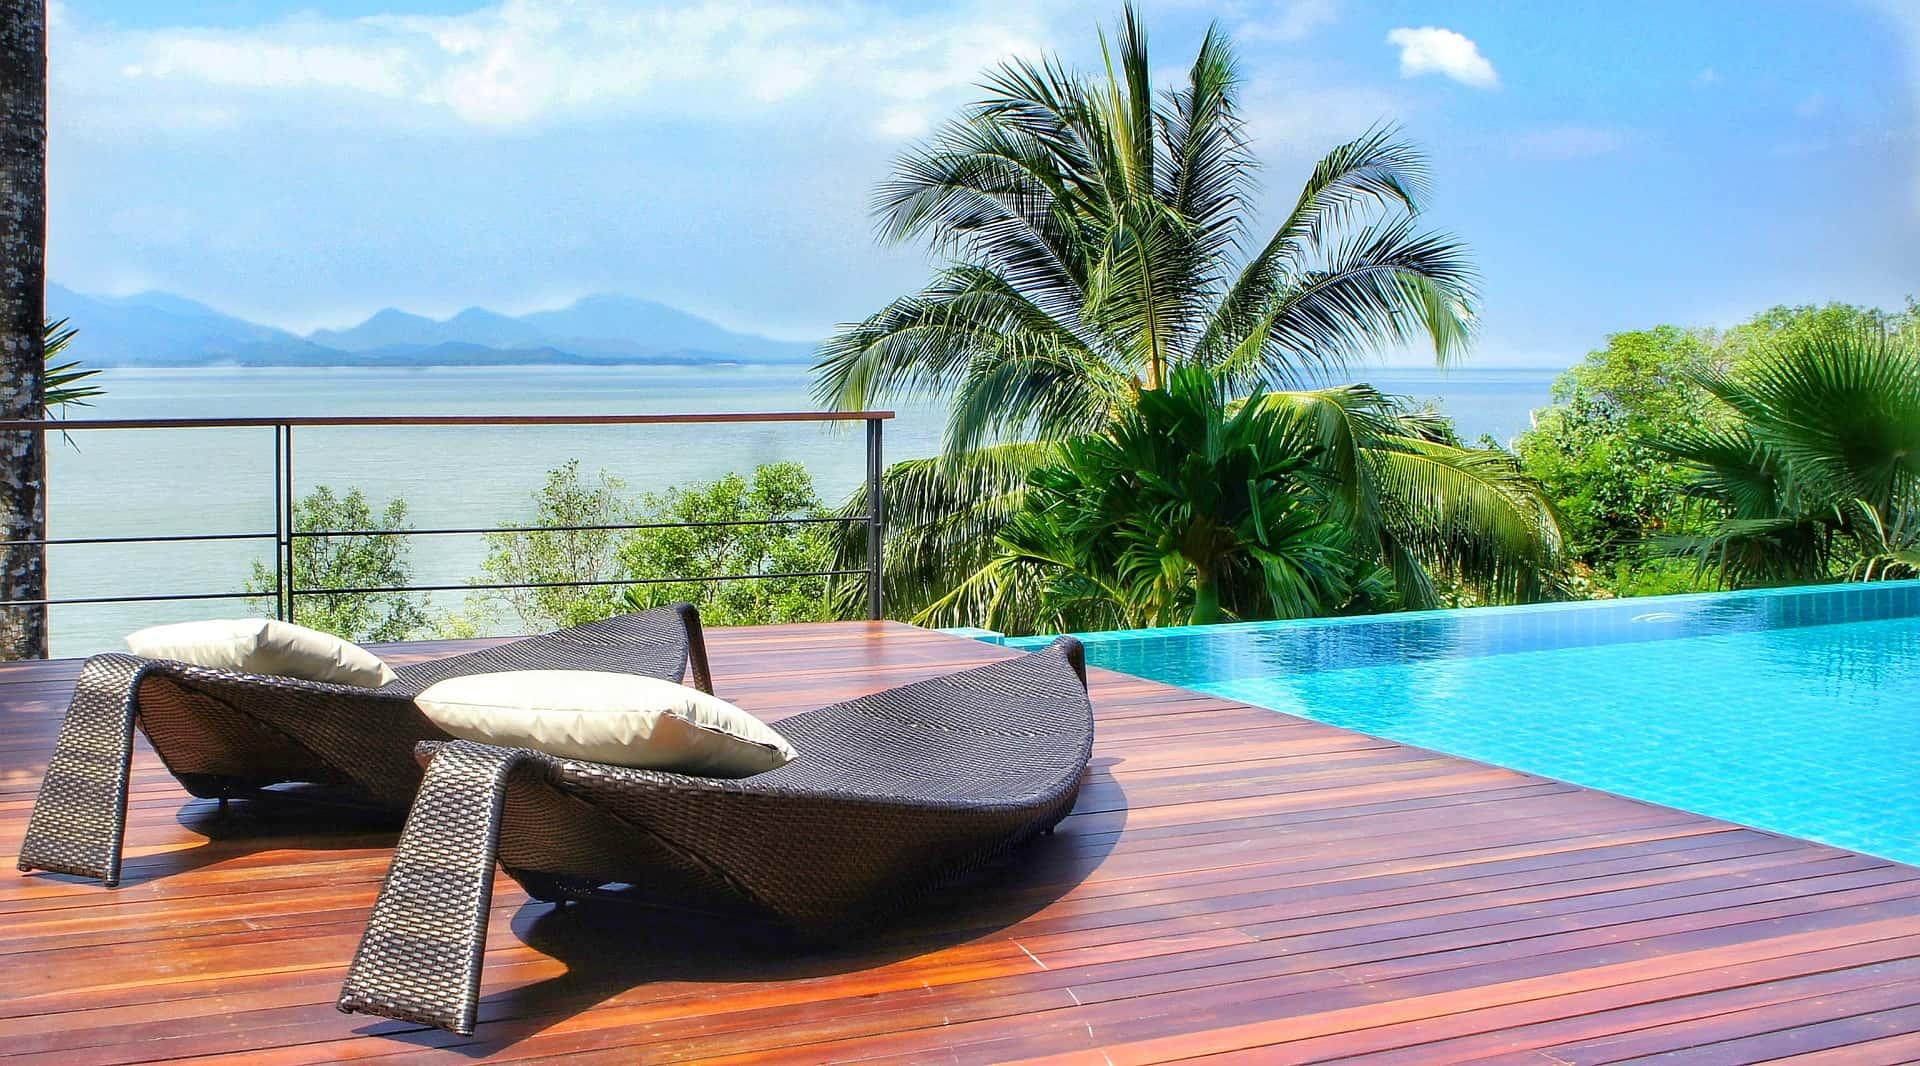 Wenn Ihr in Thailand seid empfehle ich aufjedenfall mal einmal in einem 5-6 Sterne Resort auf einer Insel zu schlafen